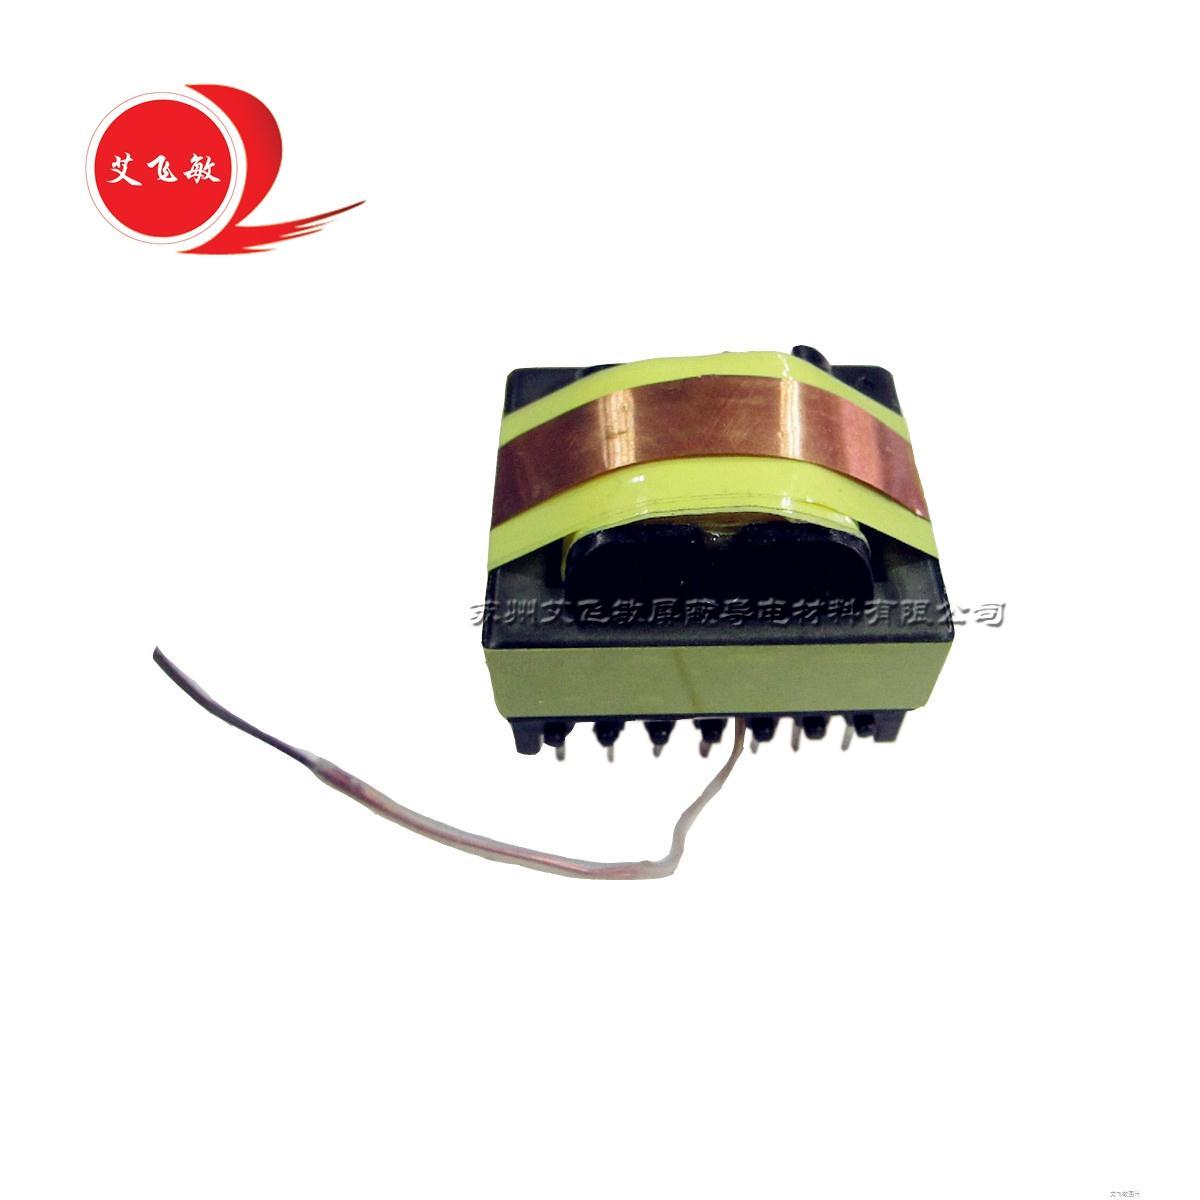 浙江海宁变压器厂家与苏州艾飞敏公司达成长期战略合作关系